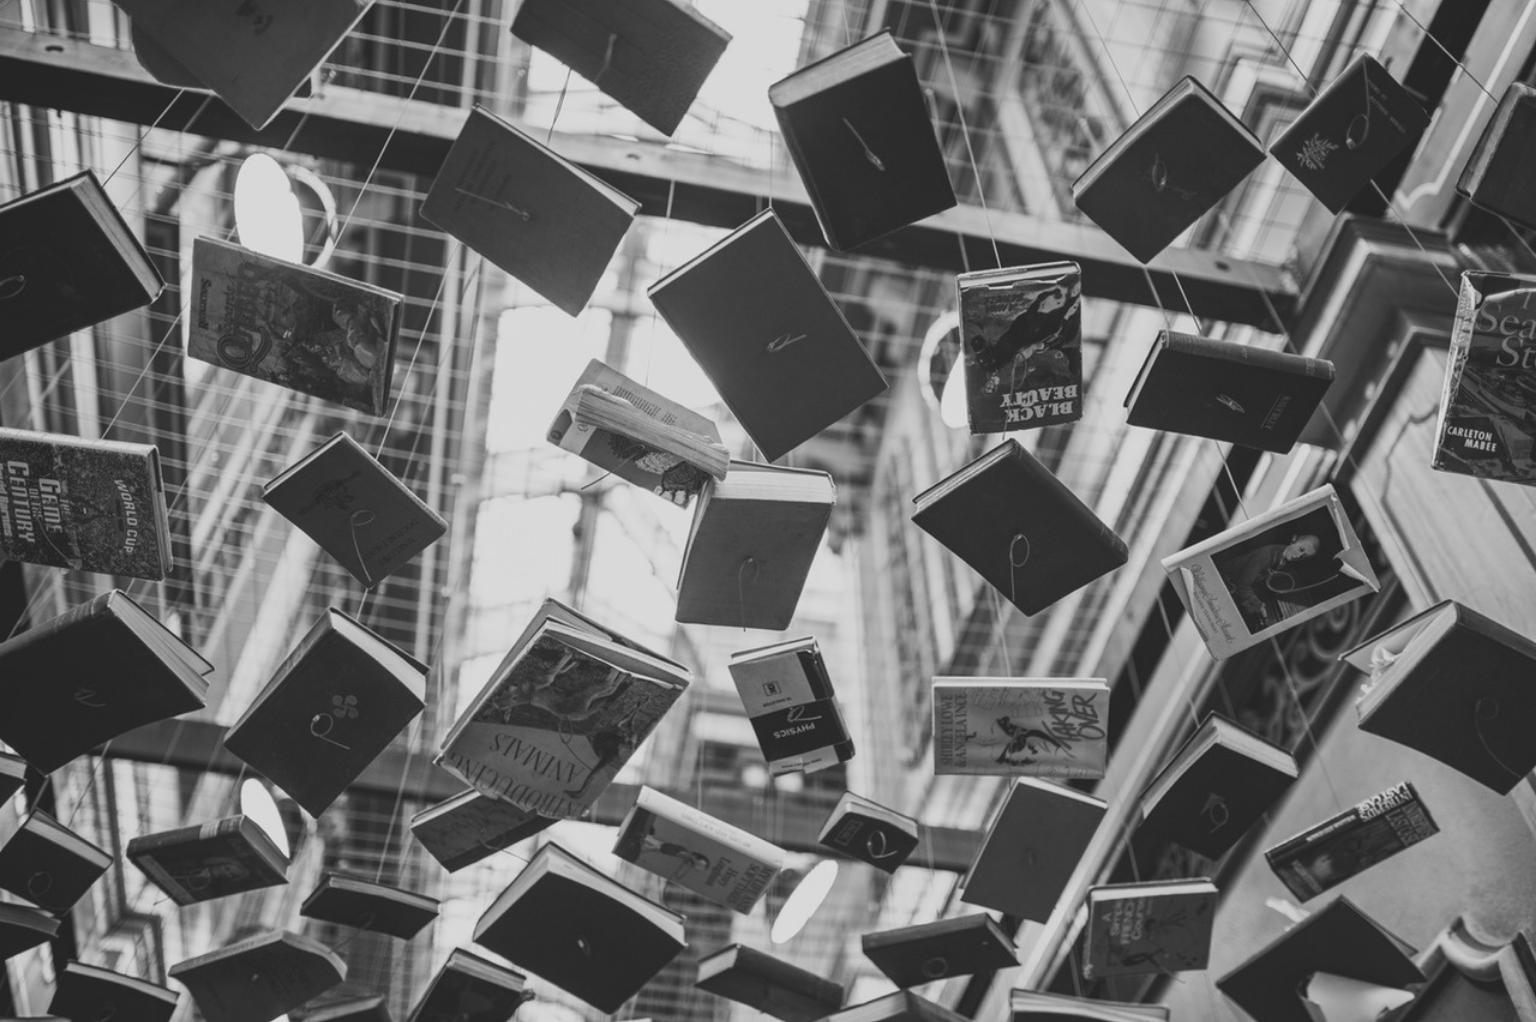 Education as an urban policy: il filo rosso tra educazione e city making